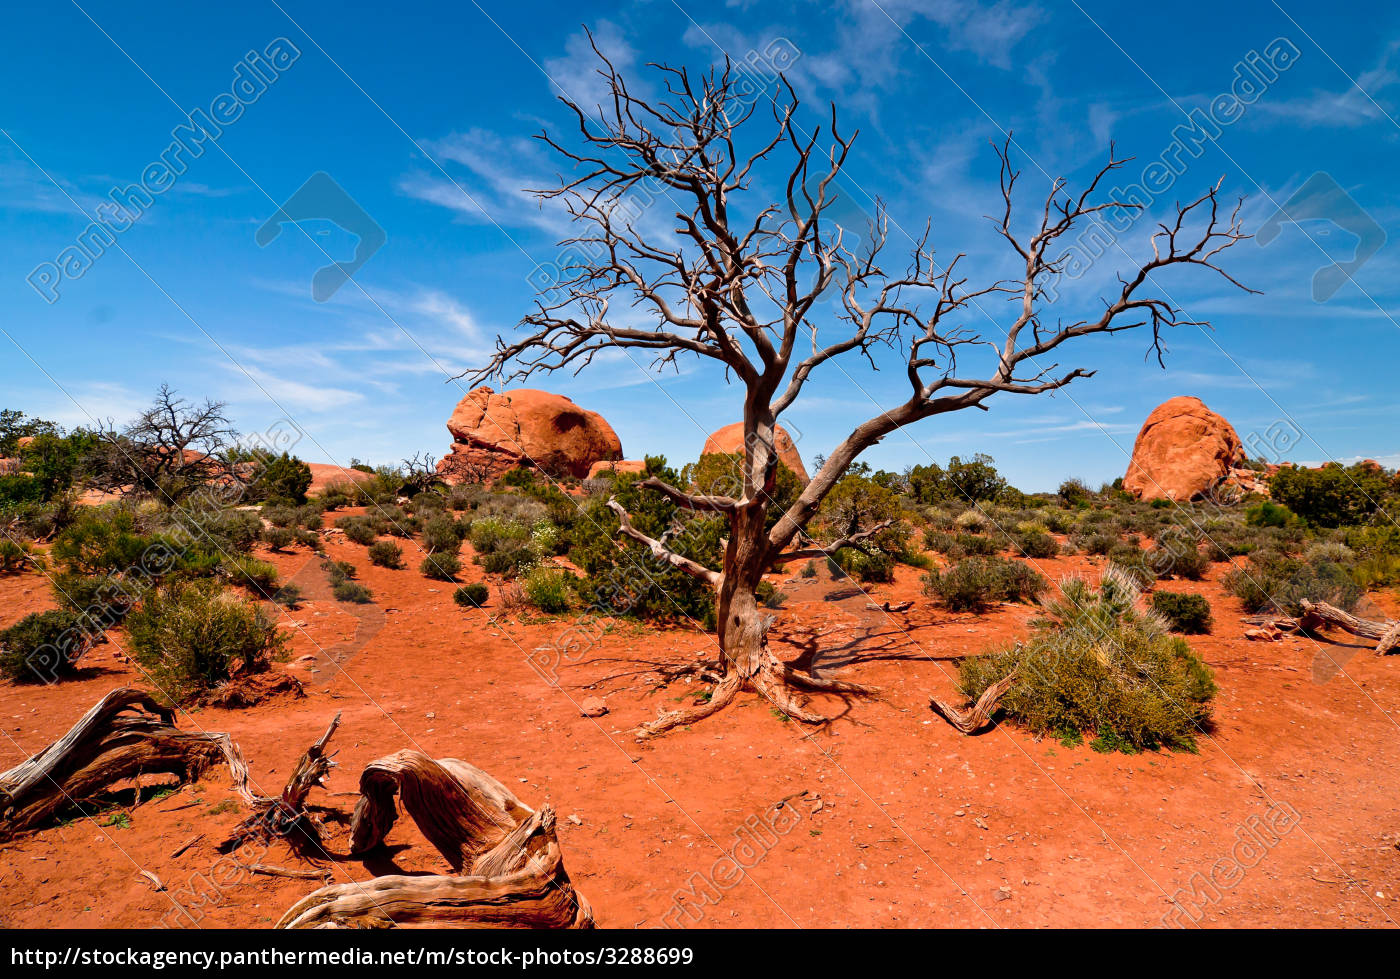 stone, desert - 3288699